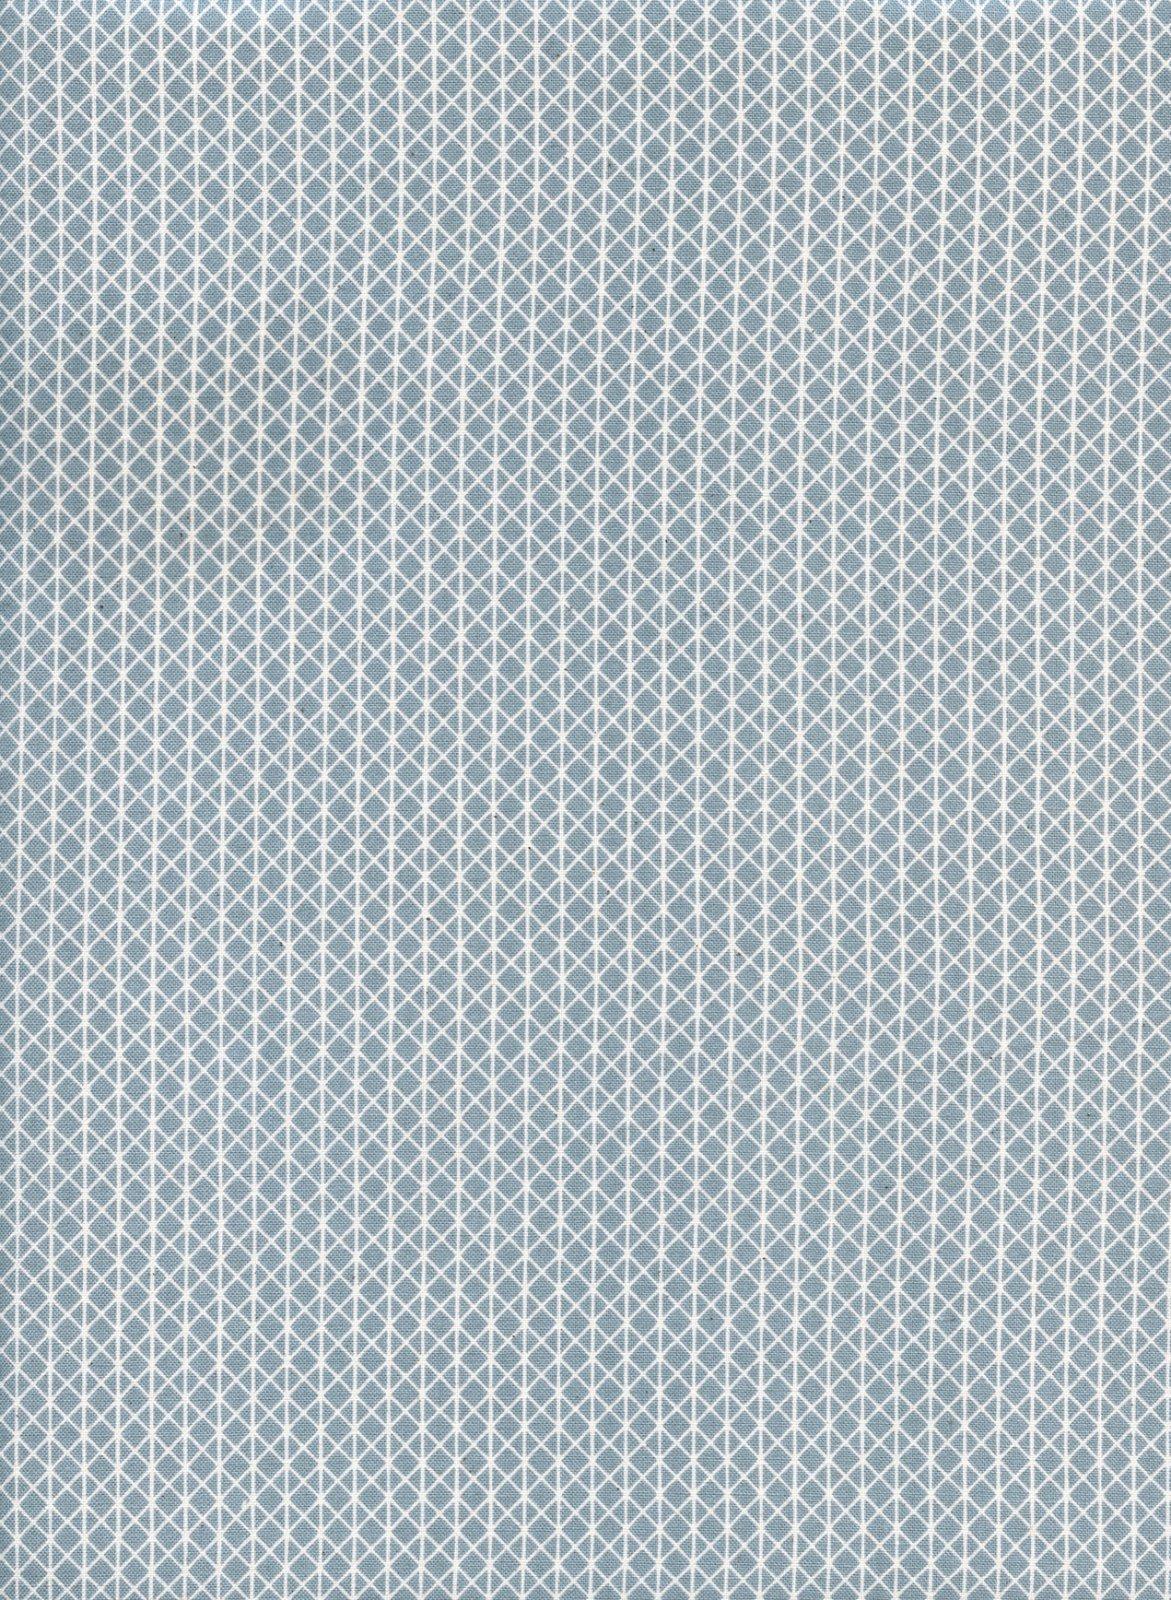 Basic - Netorious - Filler Paper Unbleached Cotton - 5000-013